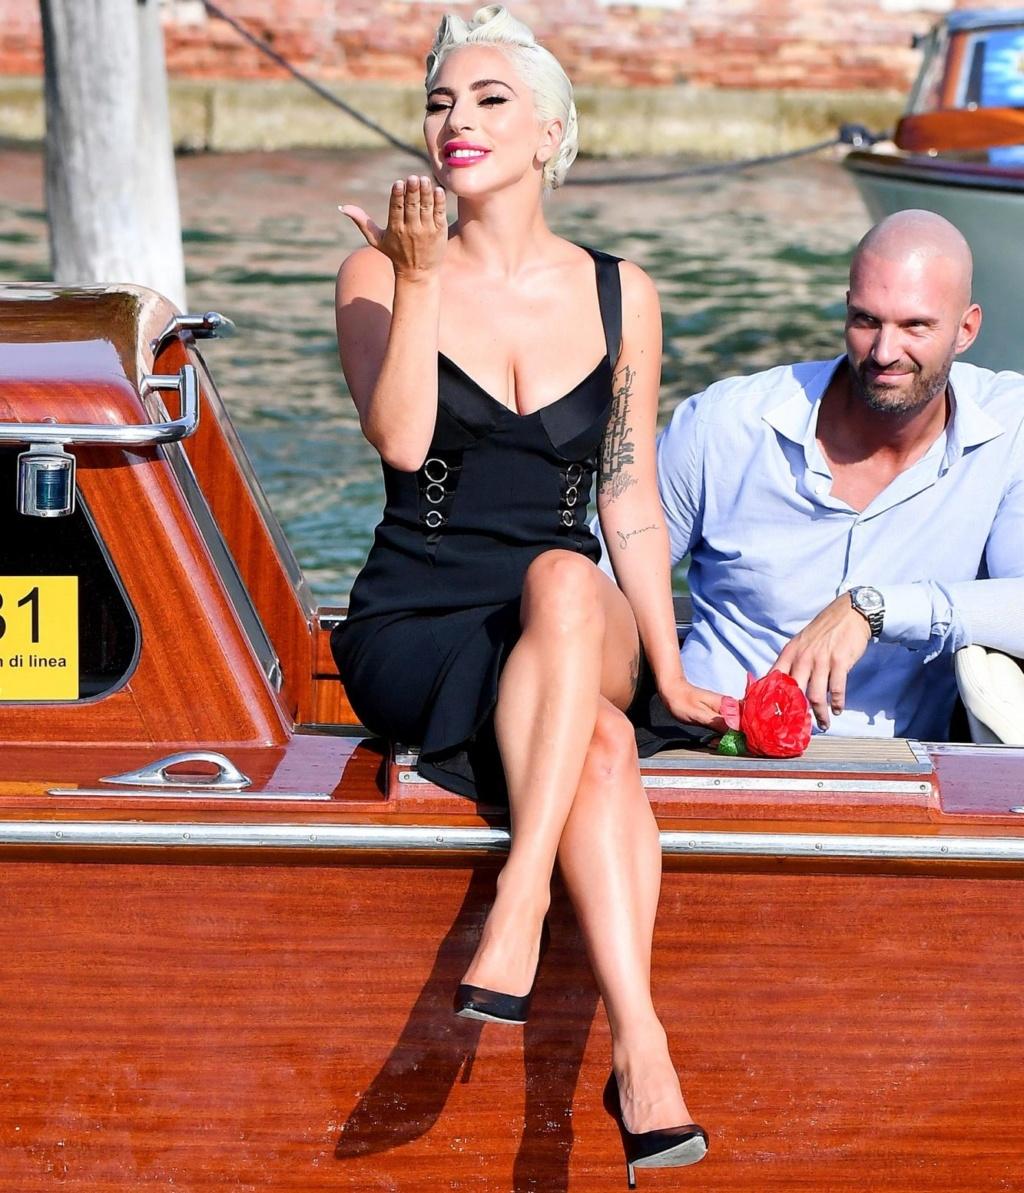 Lady Gaga ¿si o no? - Página 3 15946510